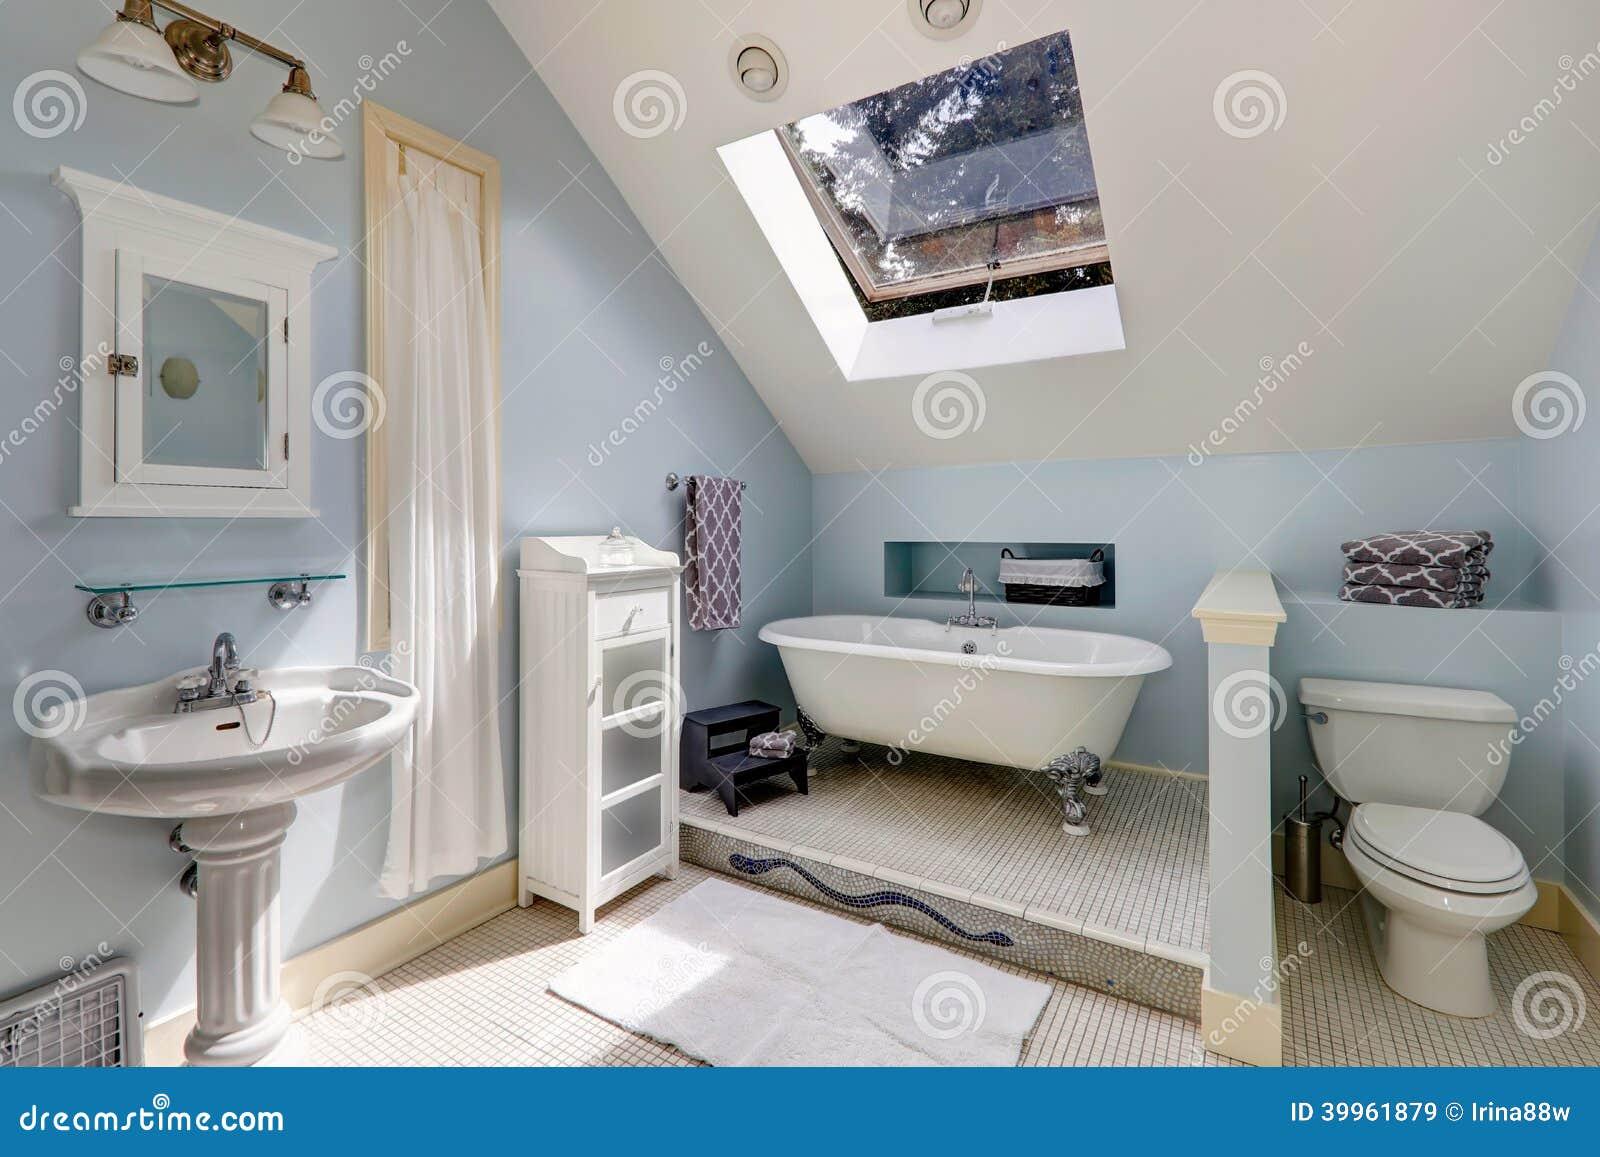 Salle de bains de velux avec la baignoire antique photo stock image 39961879 - Velux salle de bain ...